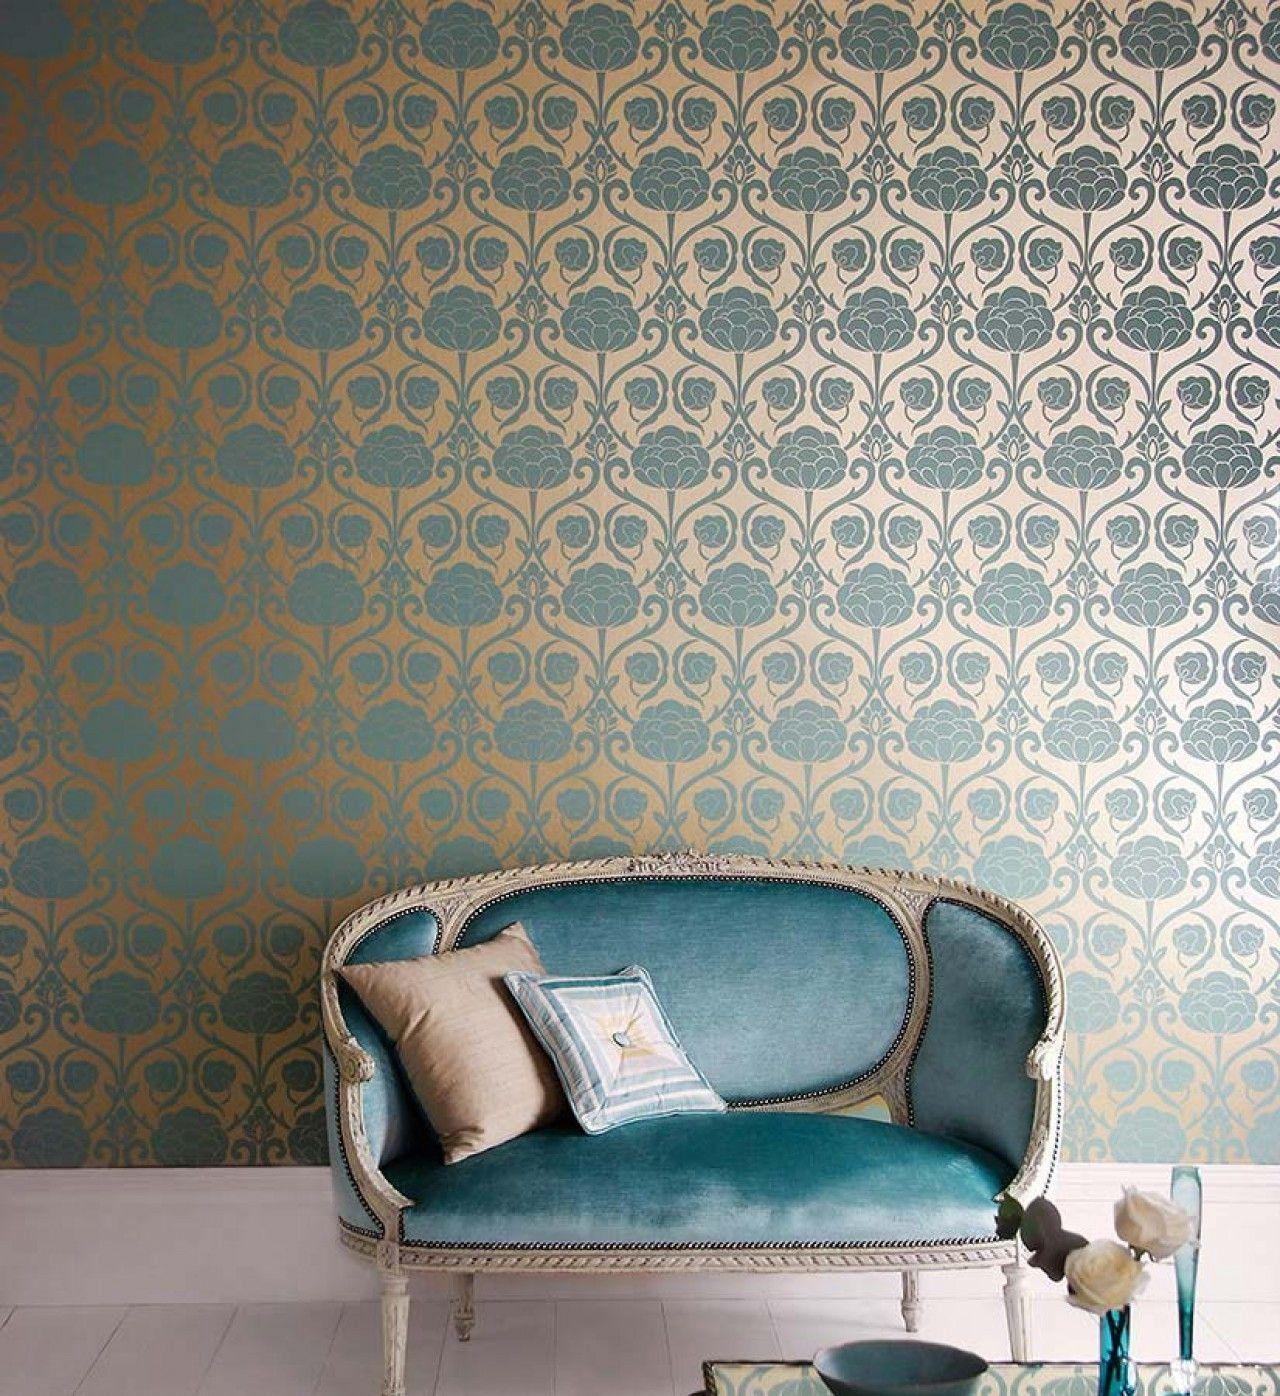 d 233 coration int 233 rieure salon chambre papier peint bleu turquoise dor 233 233 l 233 gant chic